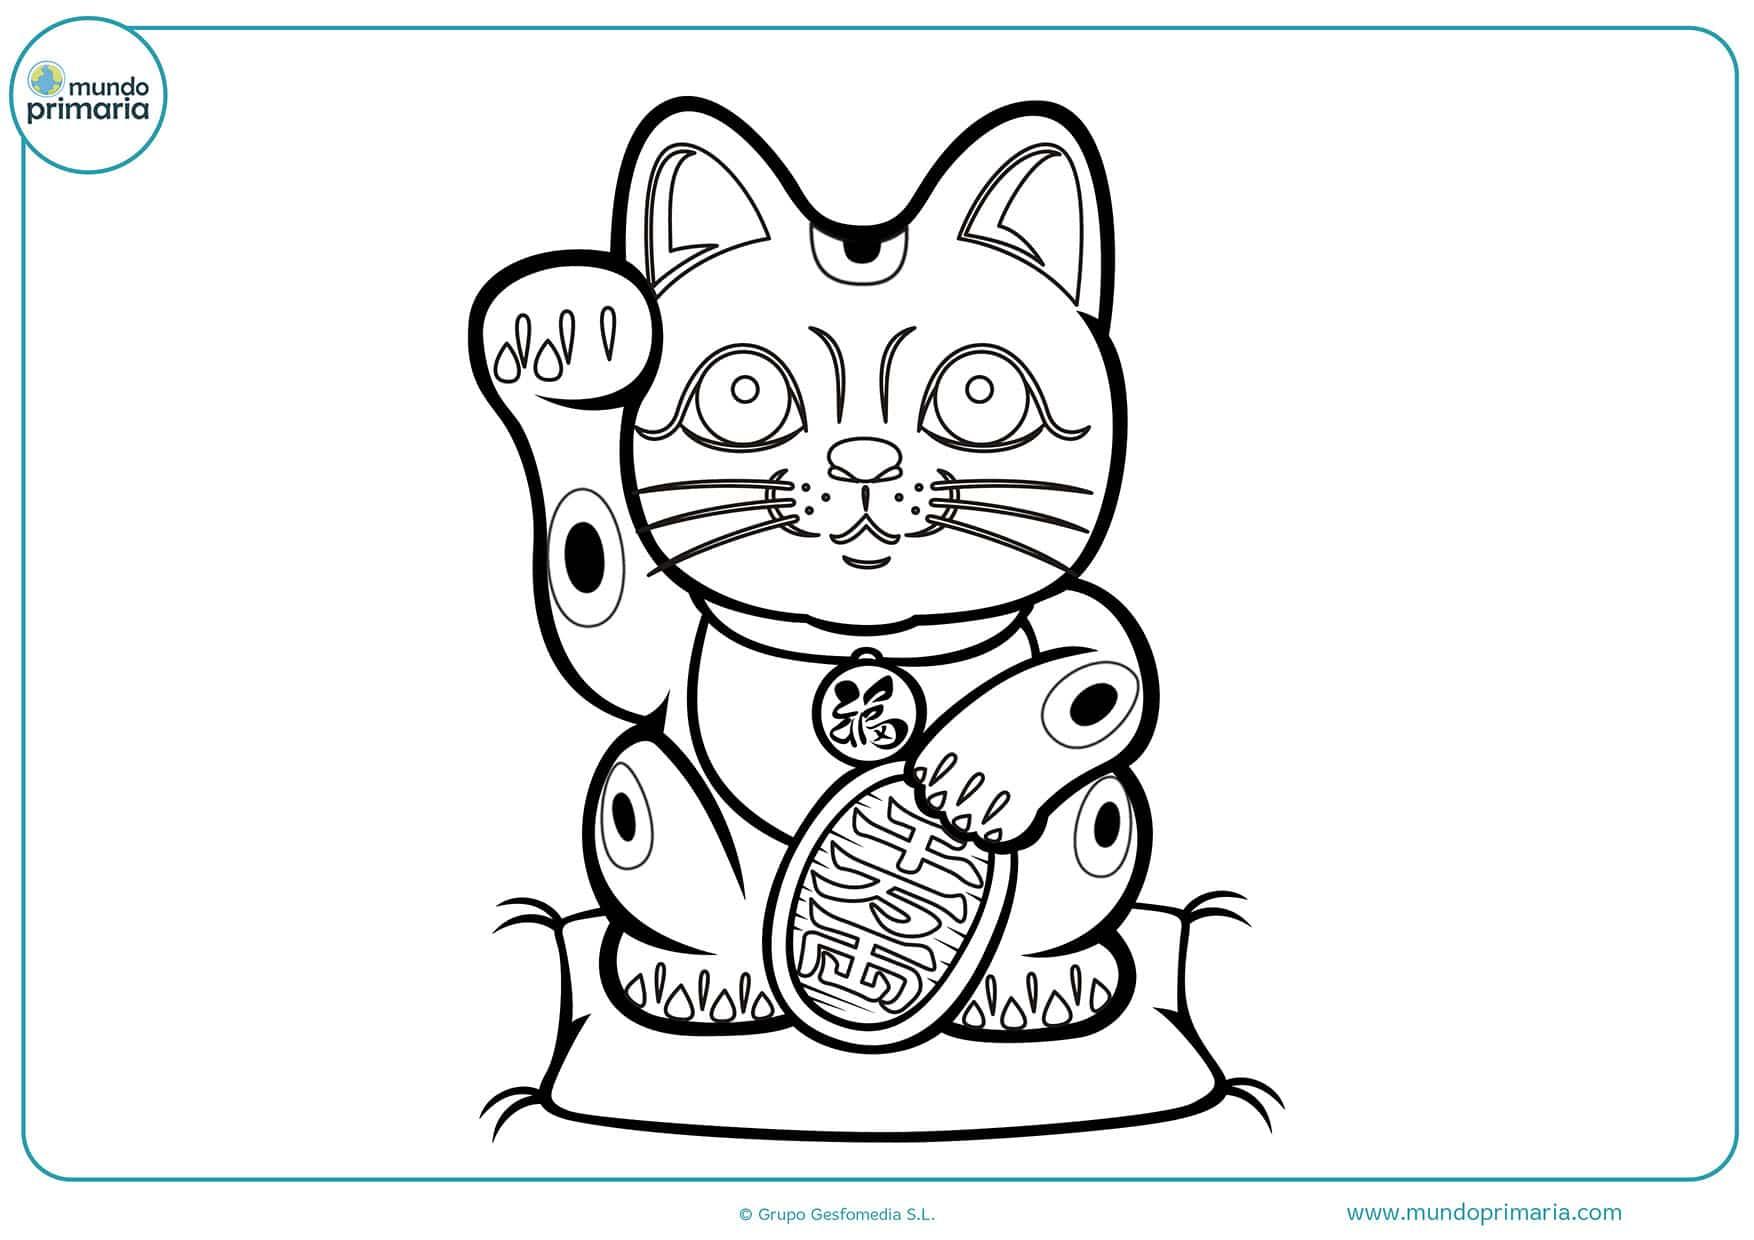 Dibujos de cultura para dibujar